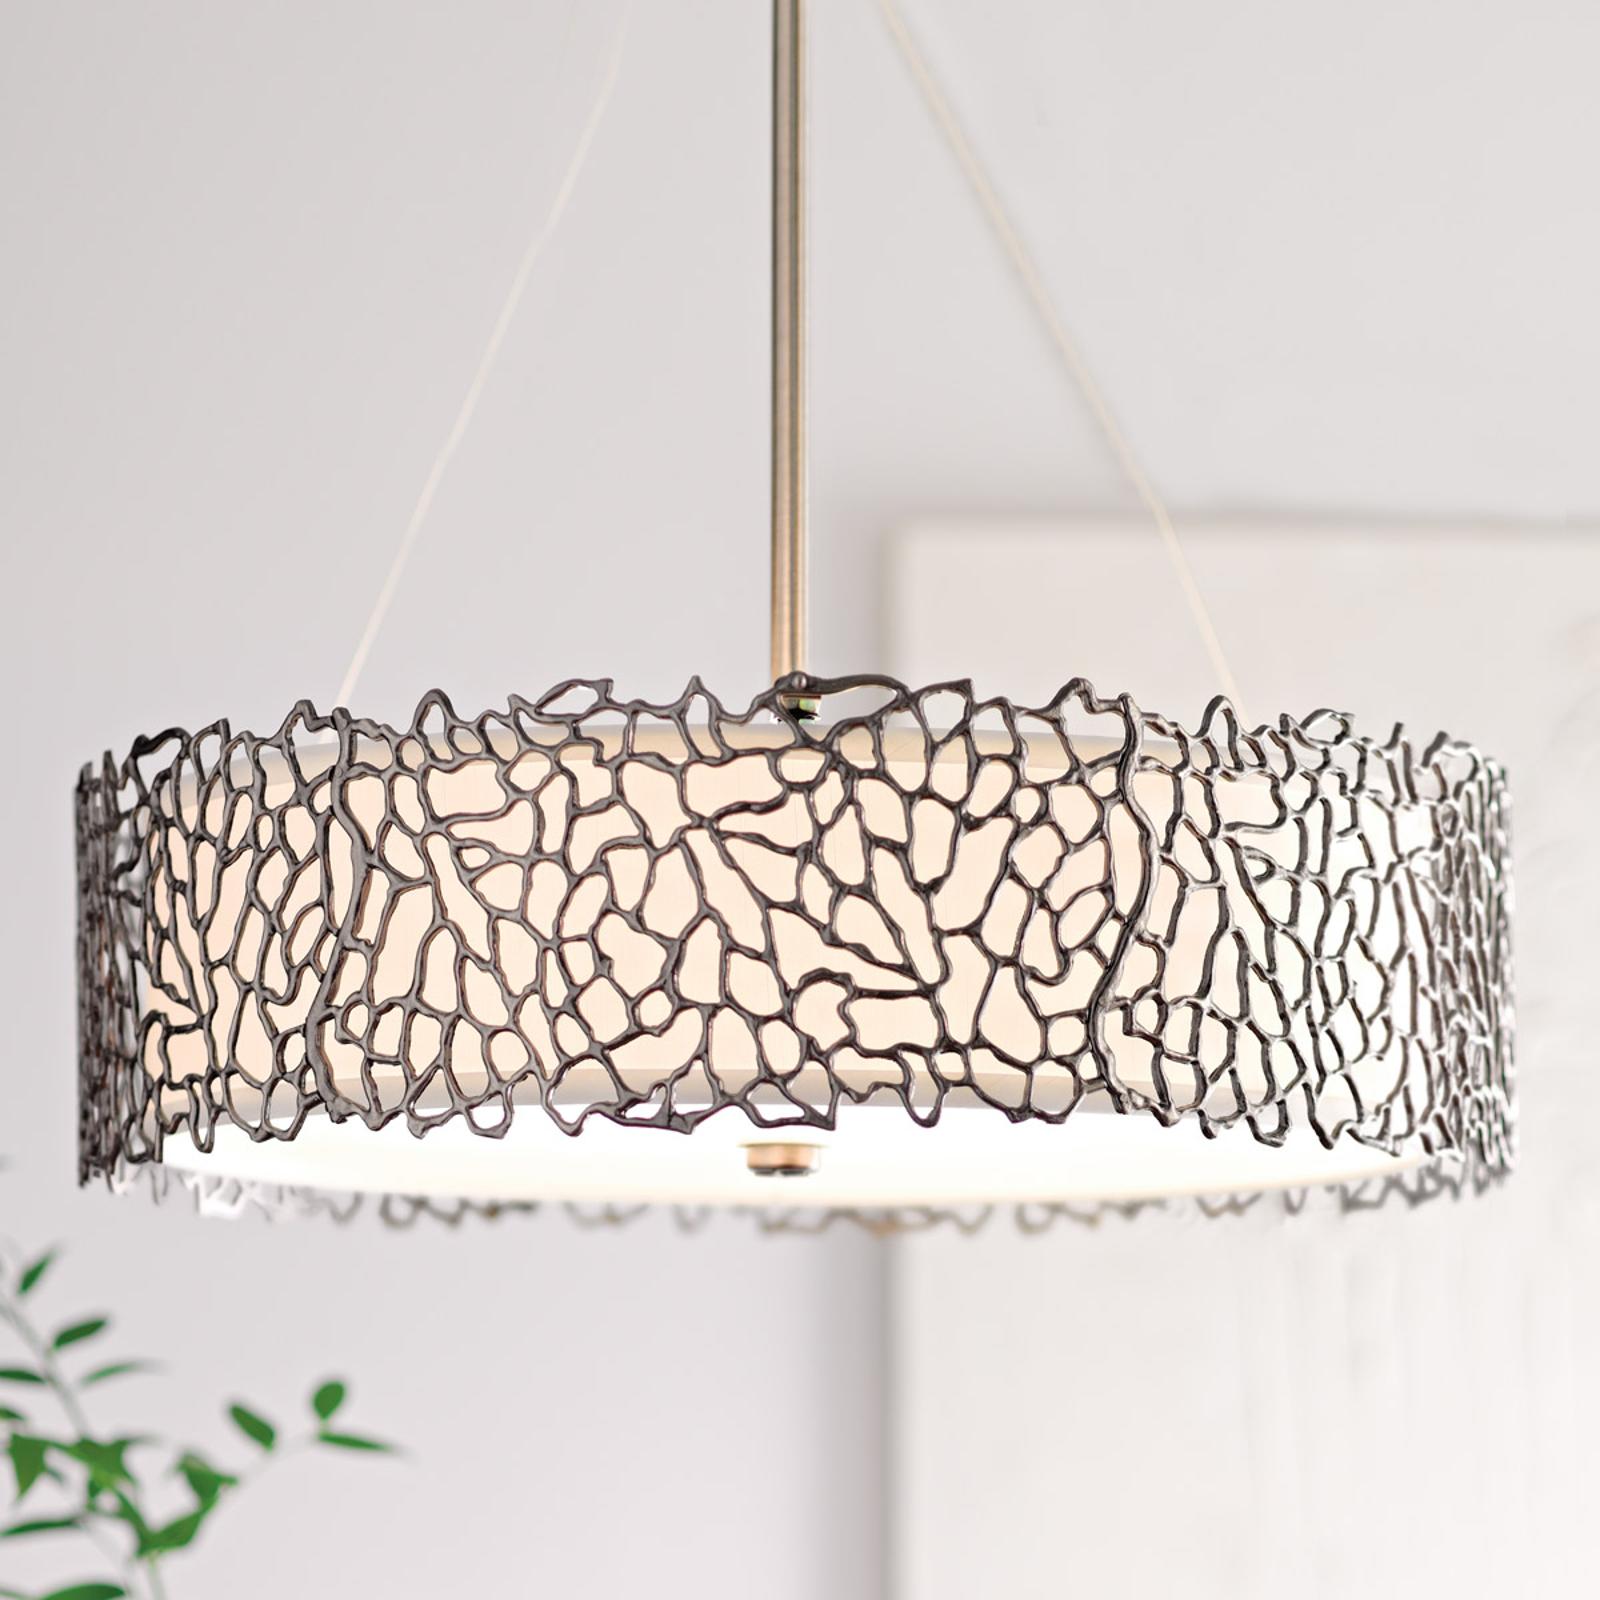 Závěsné světlo Silver Coral 55,9 cm